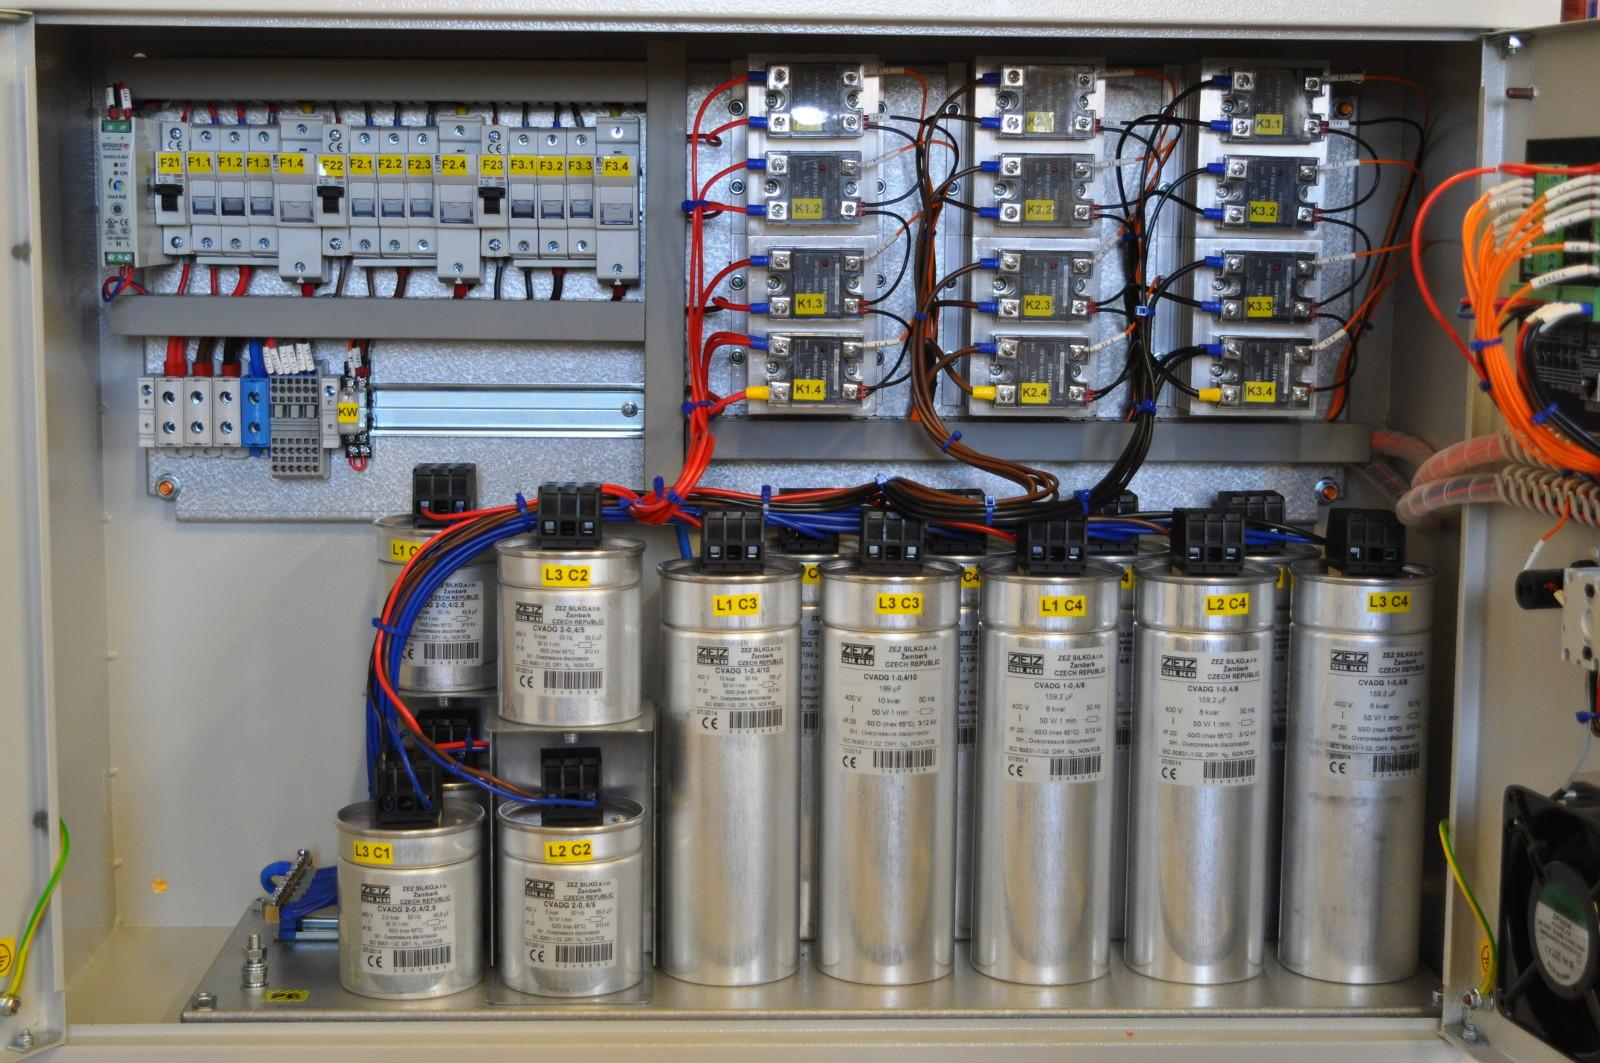 Baterie kondensatorów - kompensacja mocy biernej